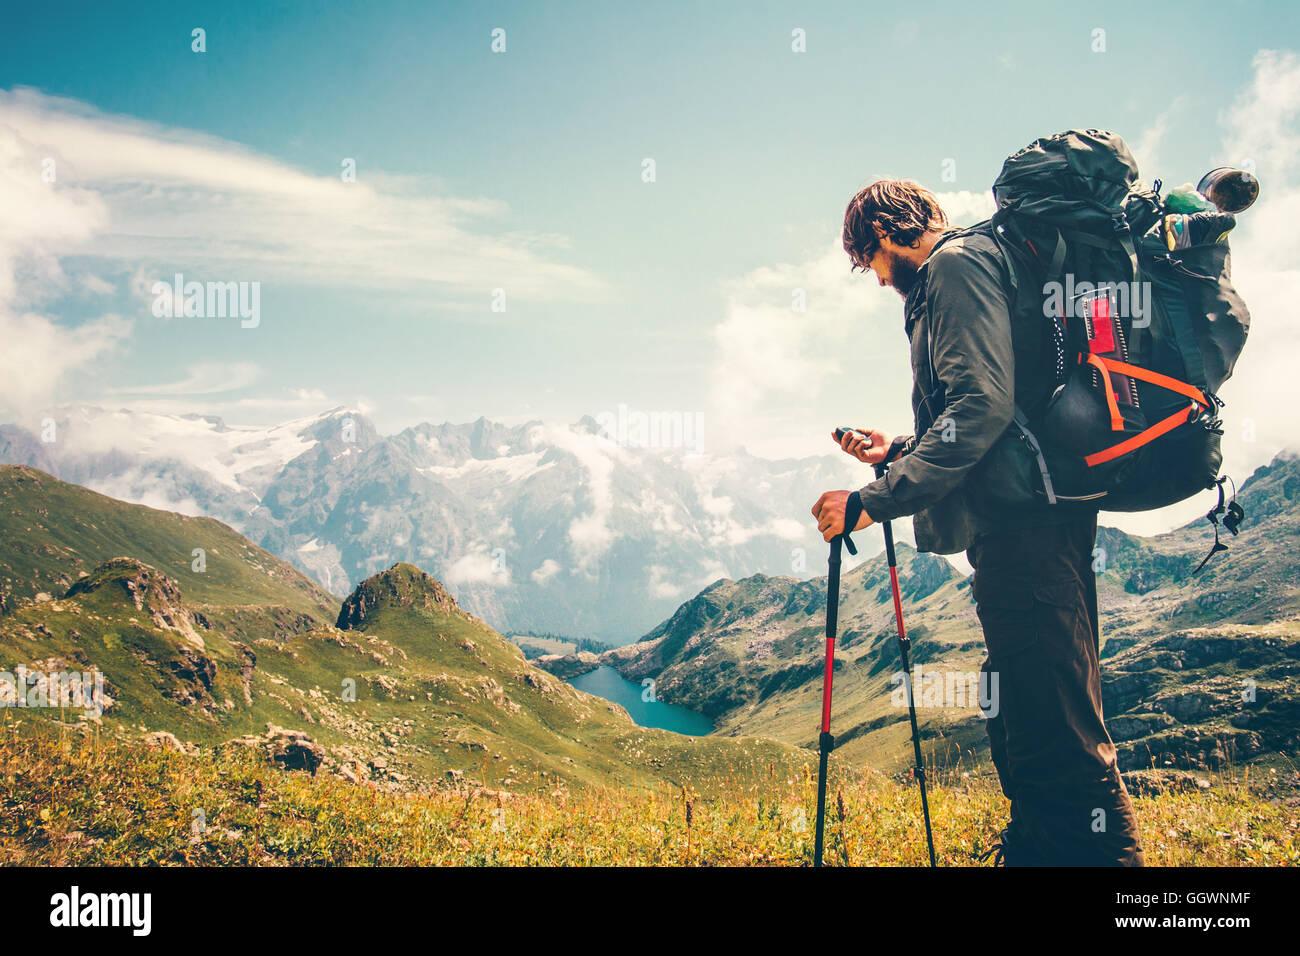 Mann Reisende Backpacker mit GPS-Navigator Tracker auf der Suche nach Koordinaten Reisen Lifestyle Konzept Berge Stockbild